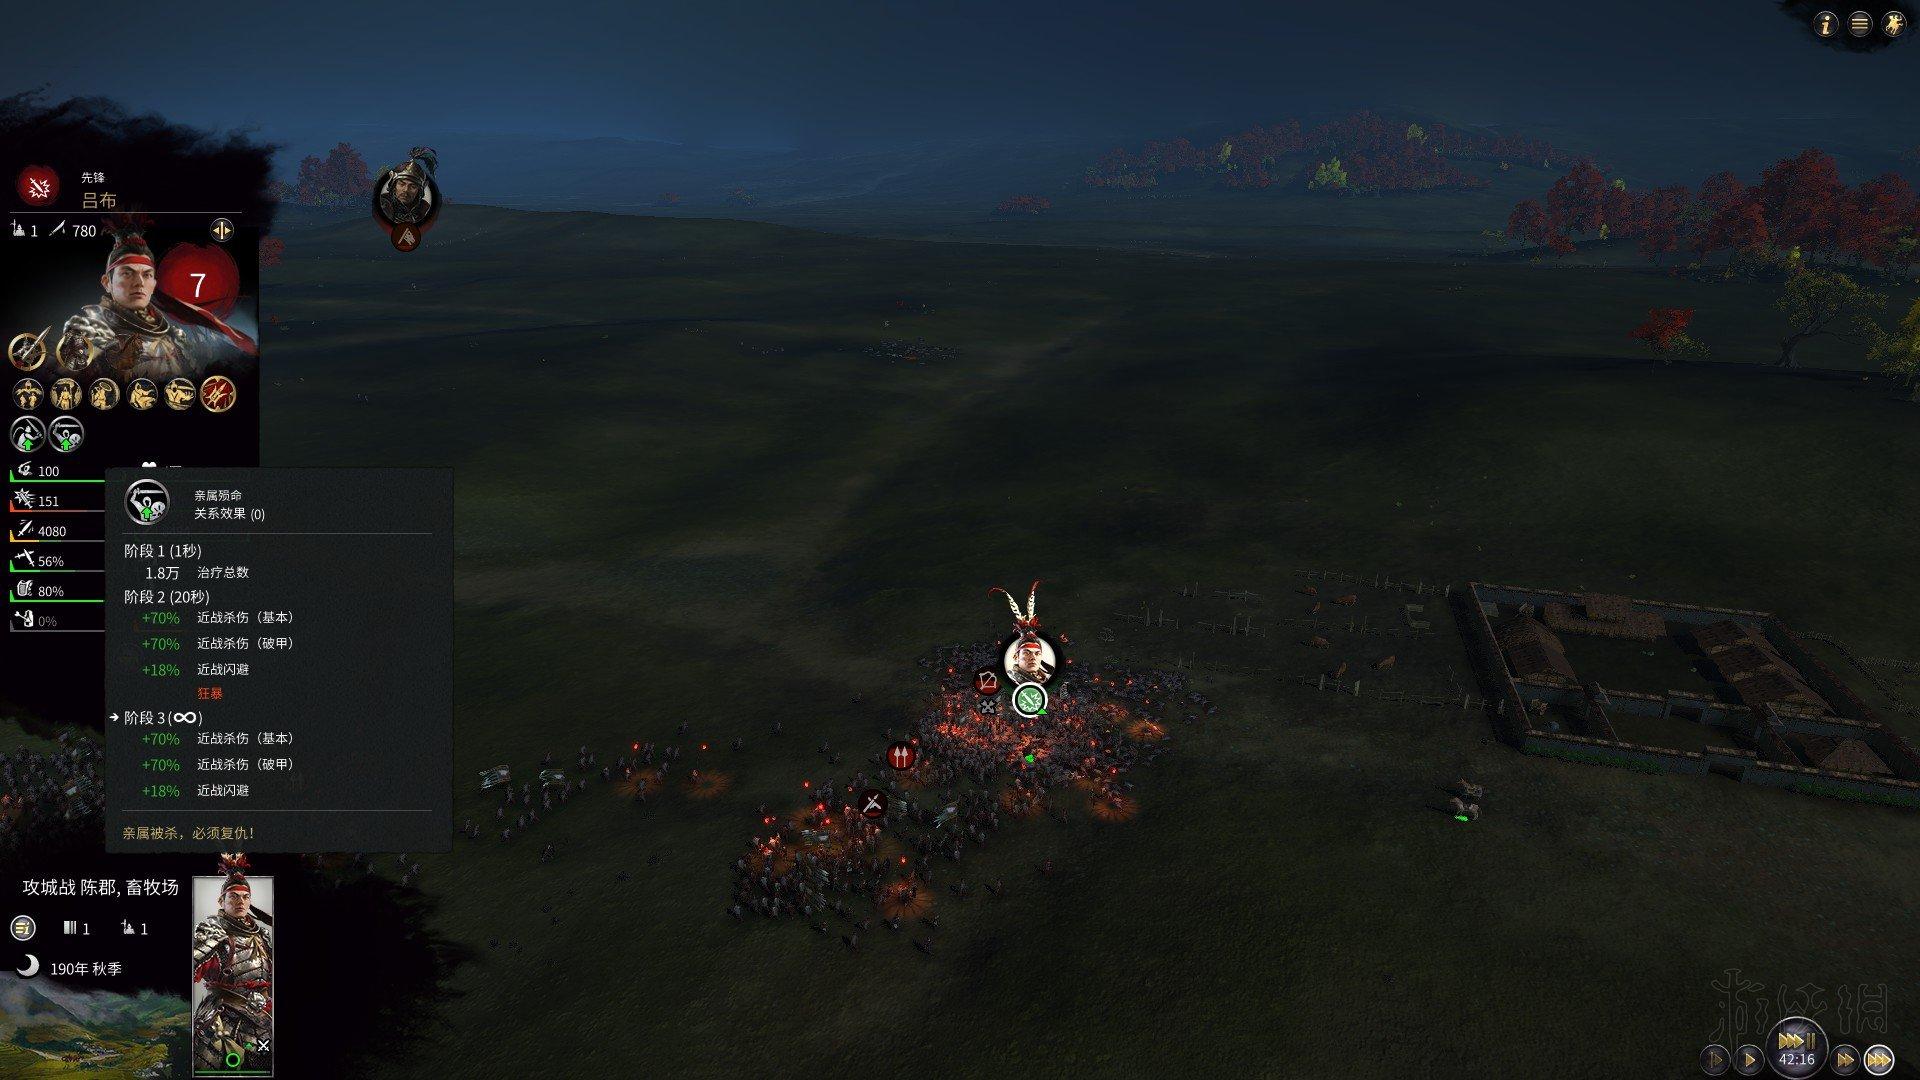 《全面戰爭三國》速通攻略玩 1